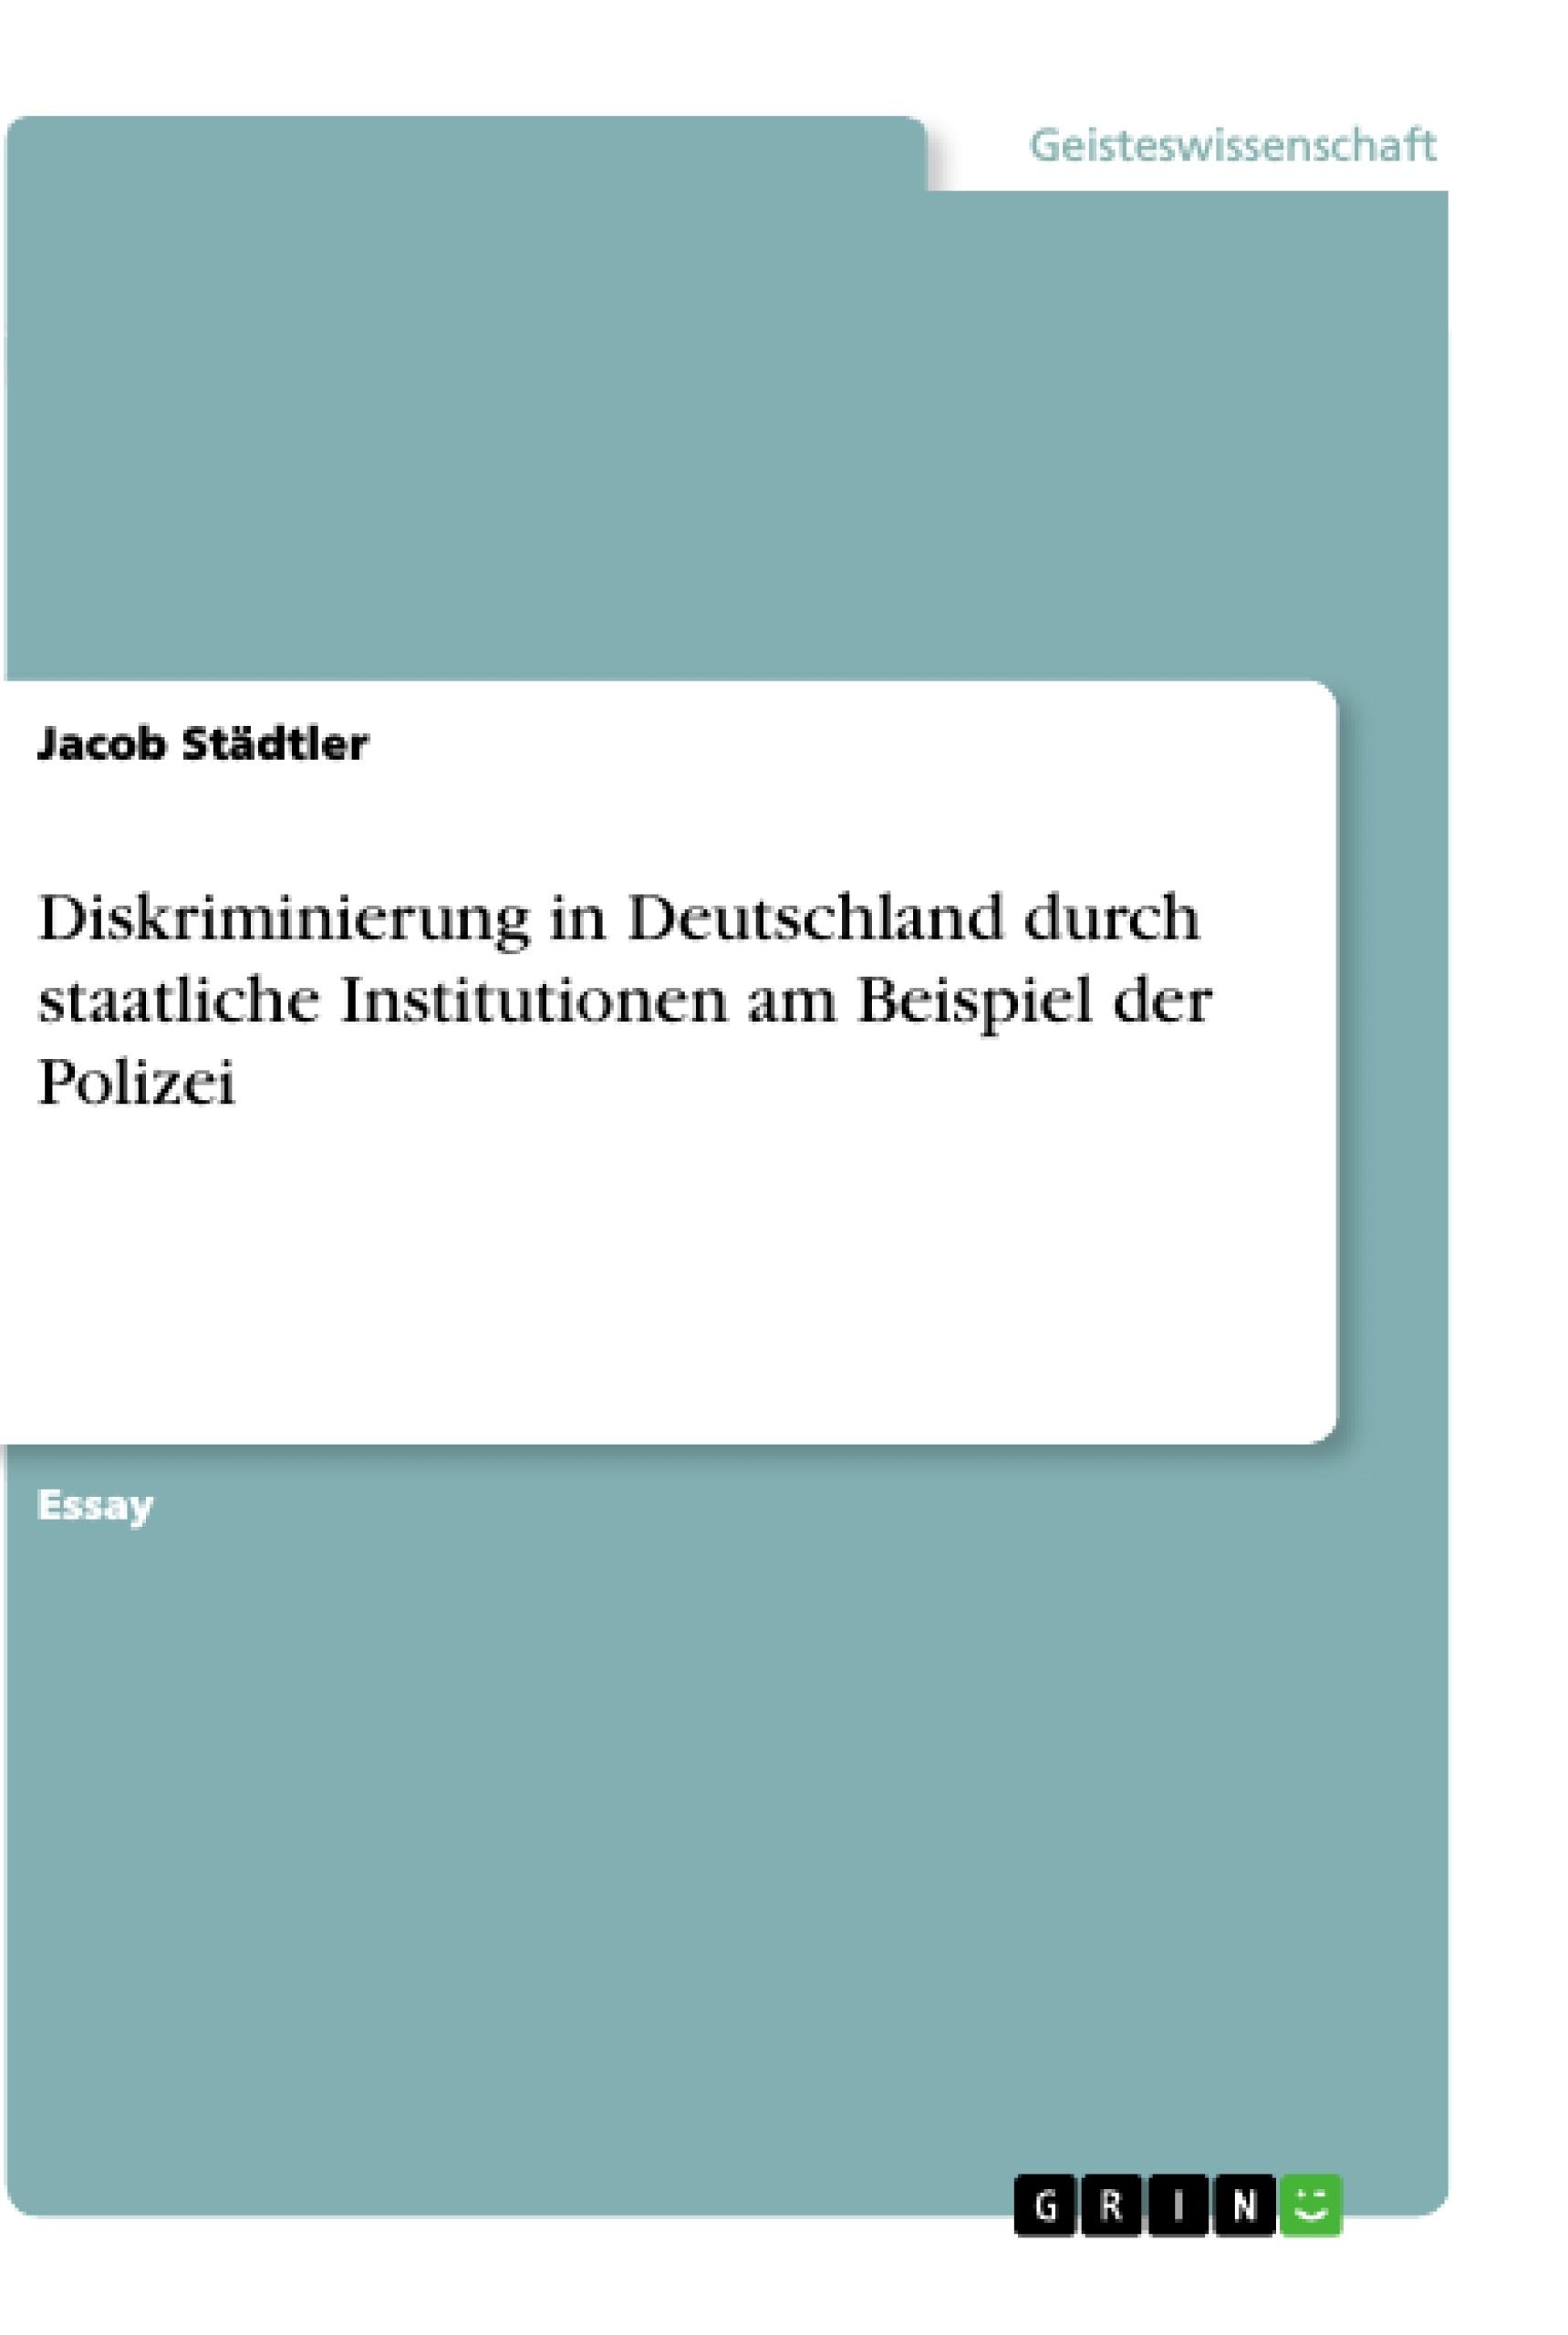 Titel: Diskriminierung in Deutschland durch staatliche Institutionen am Beispiel der Polizei